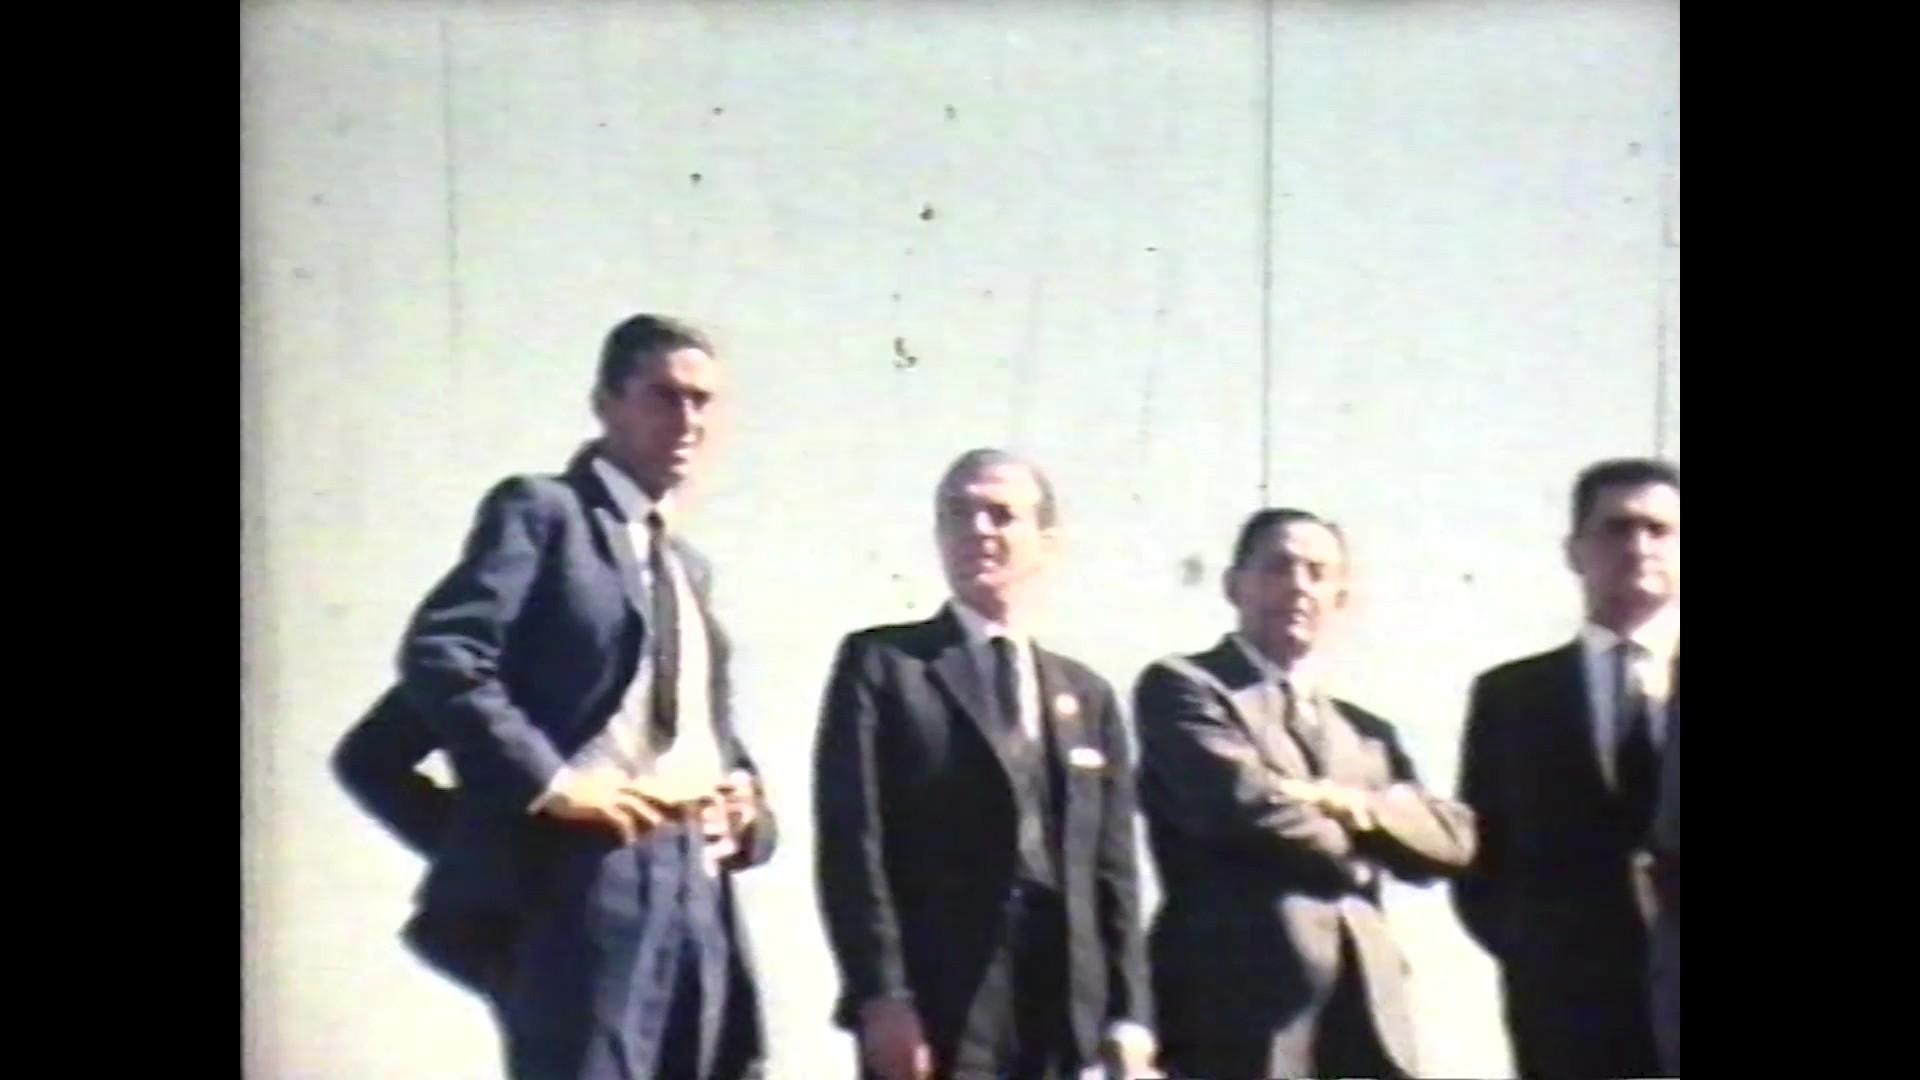 Visita de un ministro a Lanzarote en la década de 1960